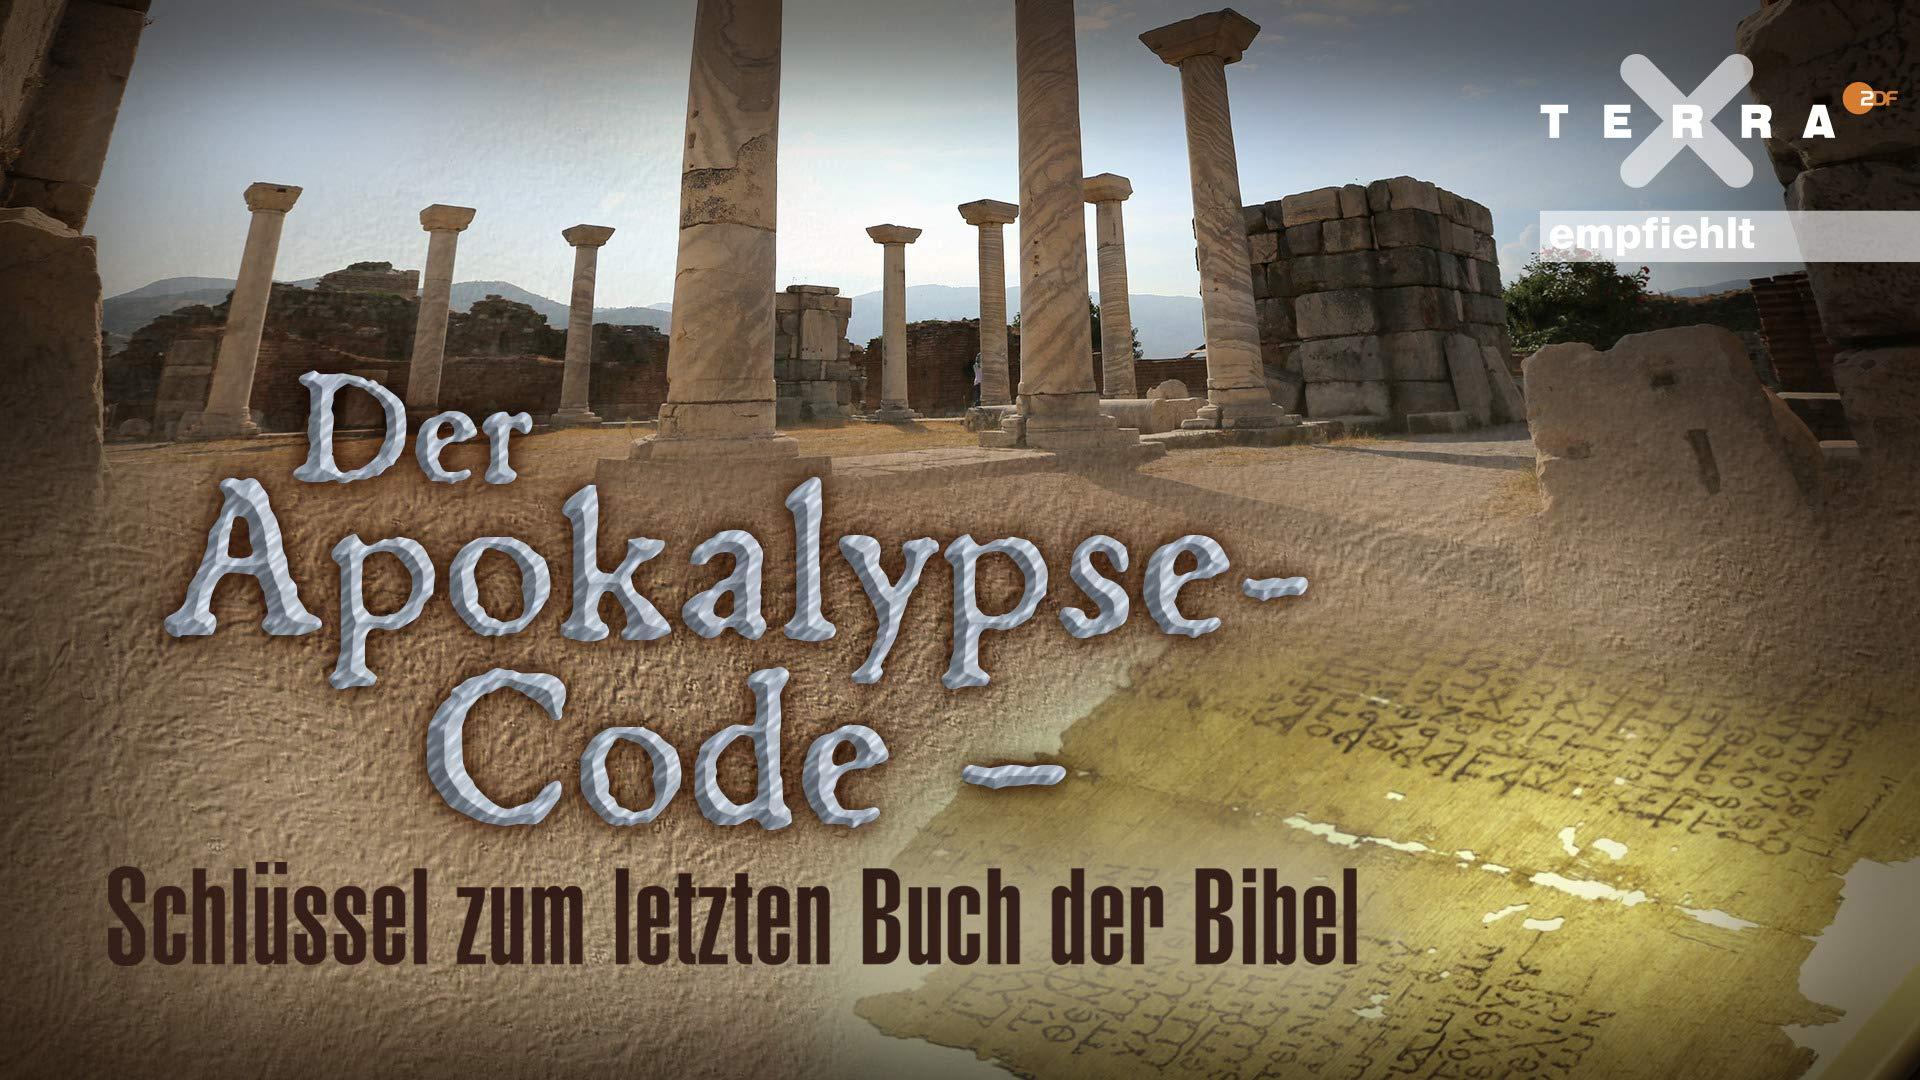 Bildergebnis für Der Apokalypse-Code